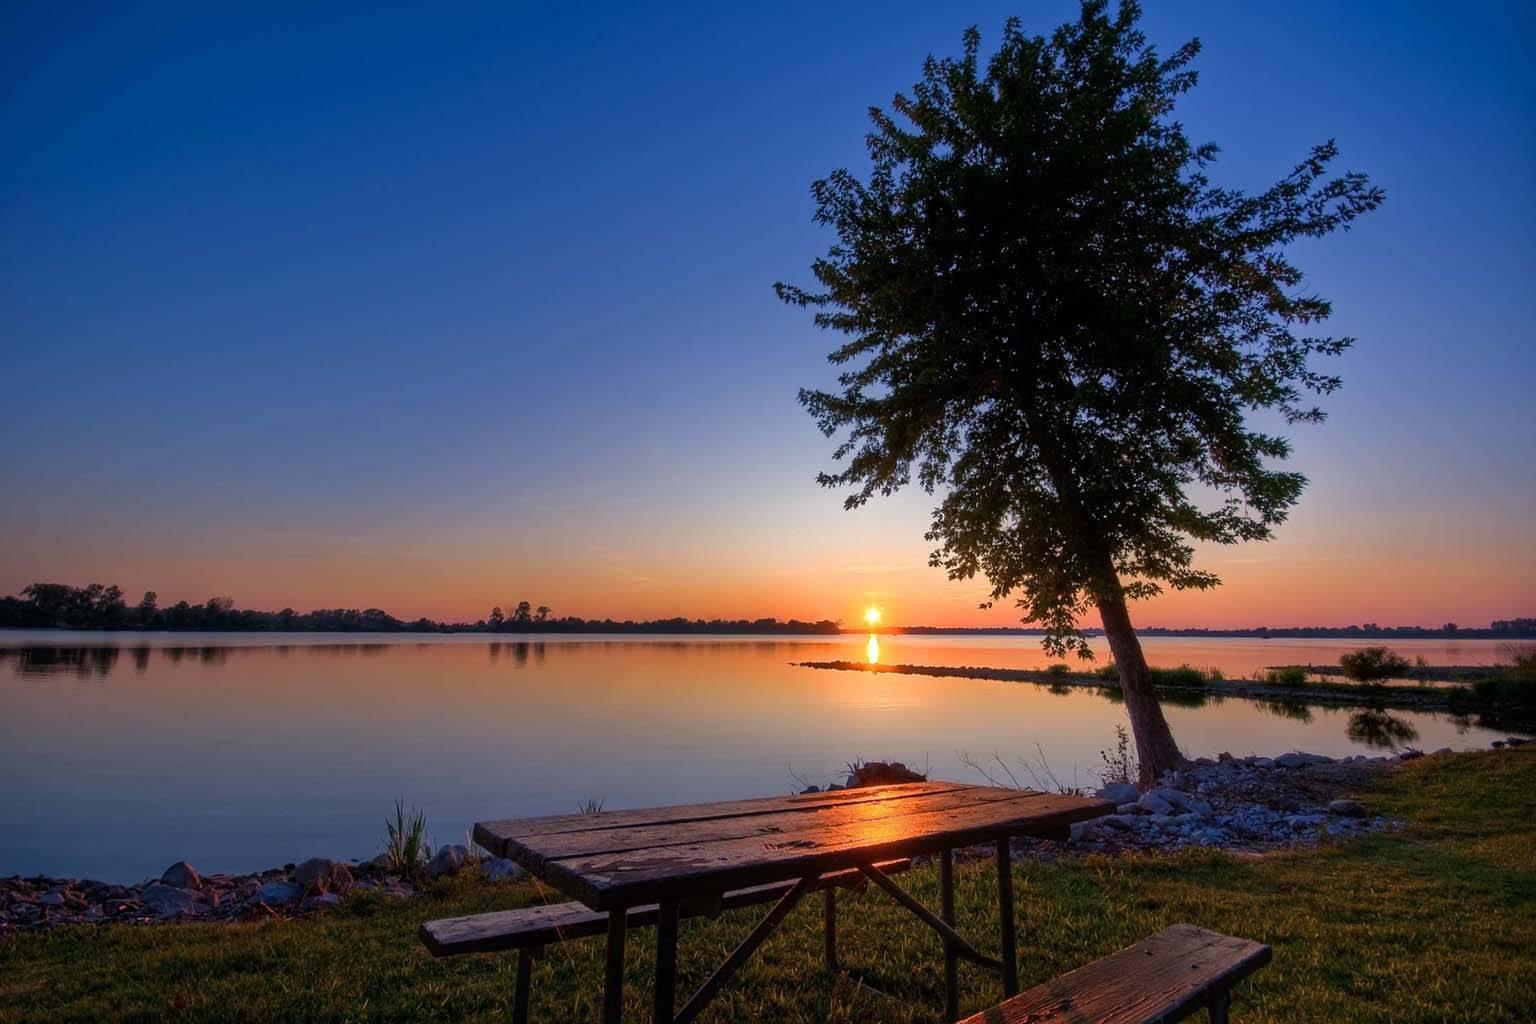 Lake sunset tree